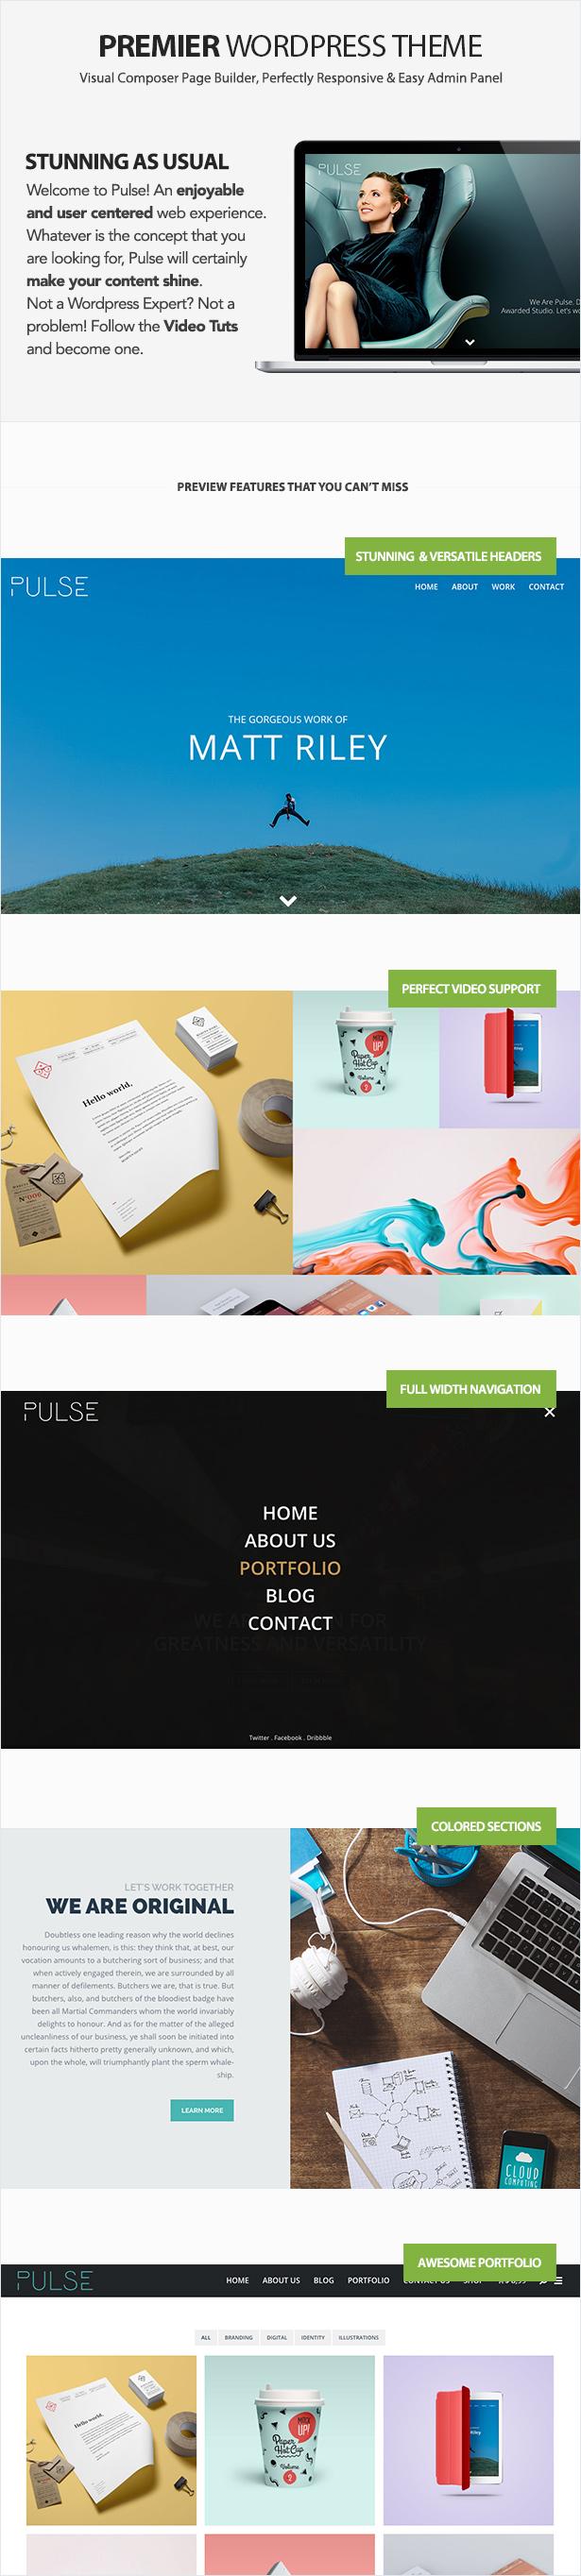 Pulse - Premier WordPress Theme - 2